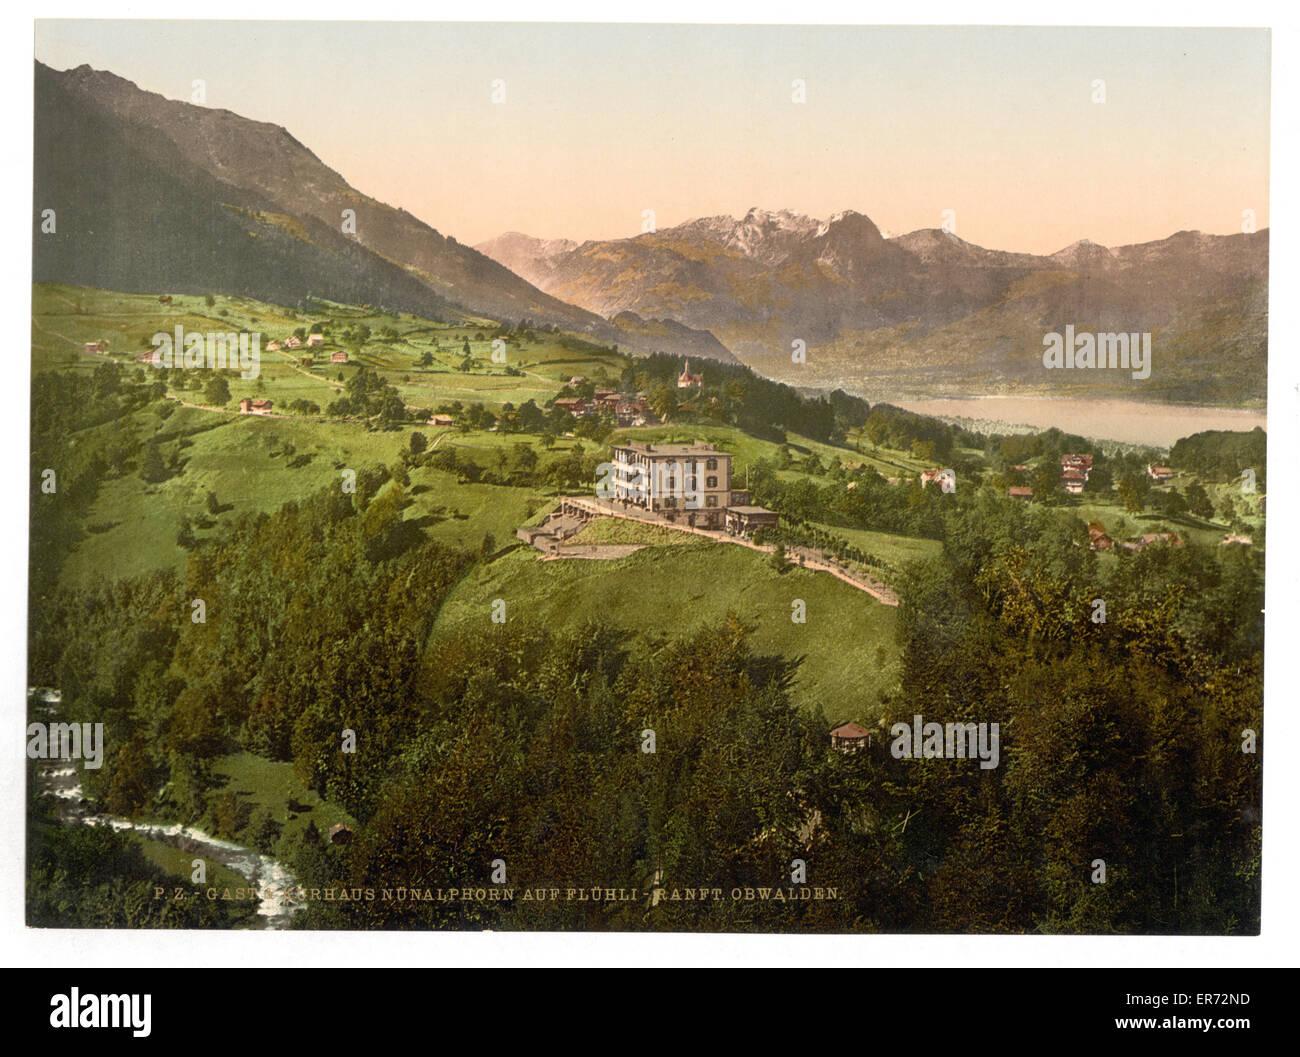 Gast and Kurhaus, Obwalden, Unterwald, Switzerland. Date between ca. 1890 and ca. 1900. - Stock Image